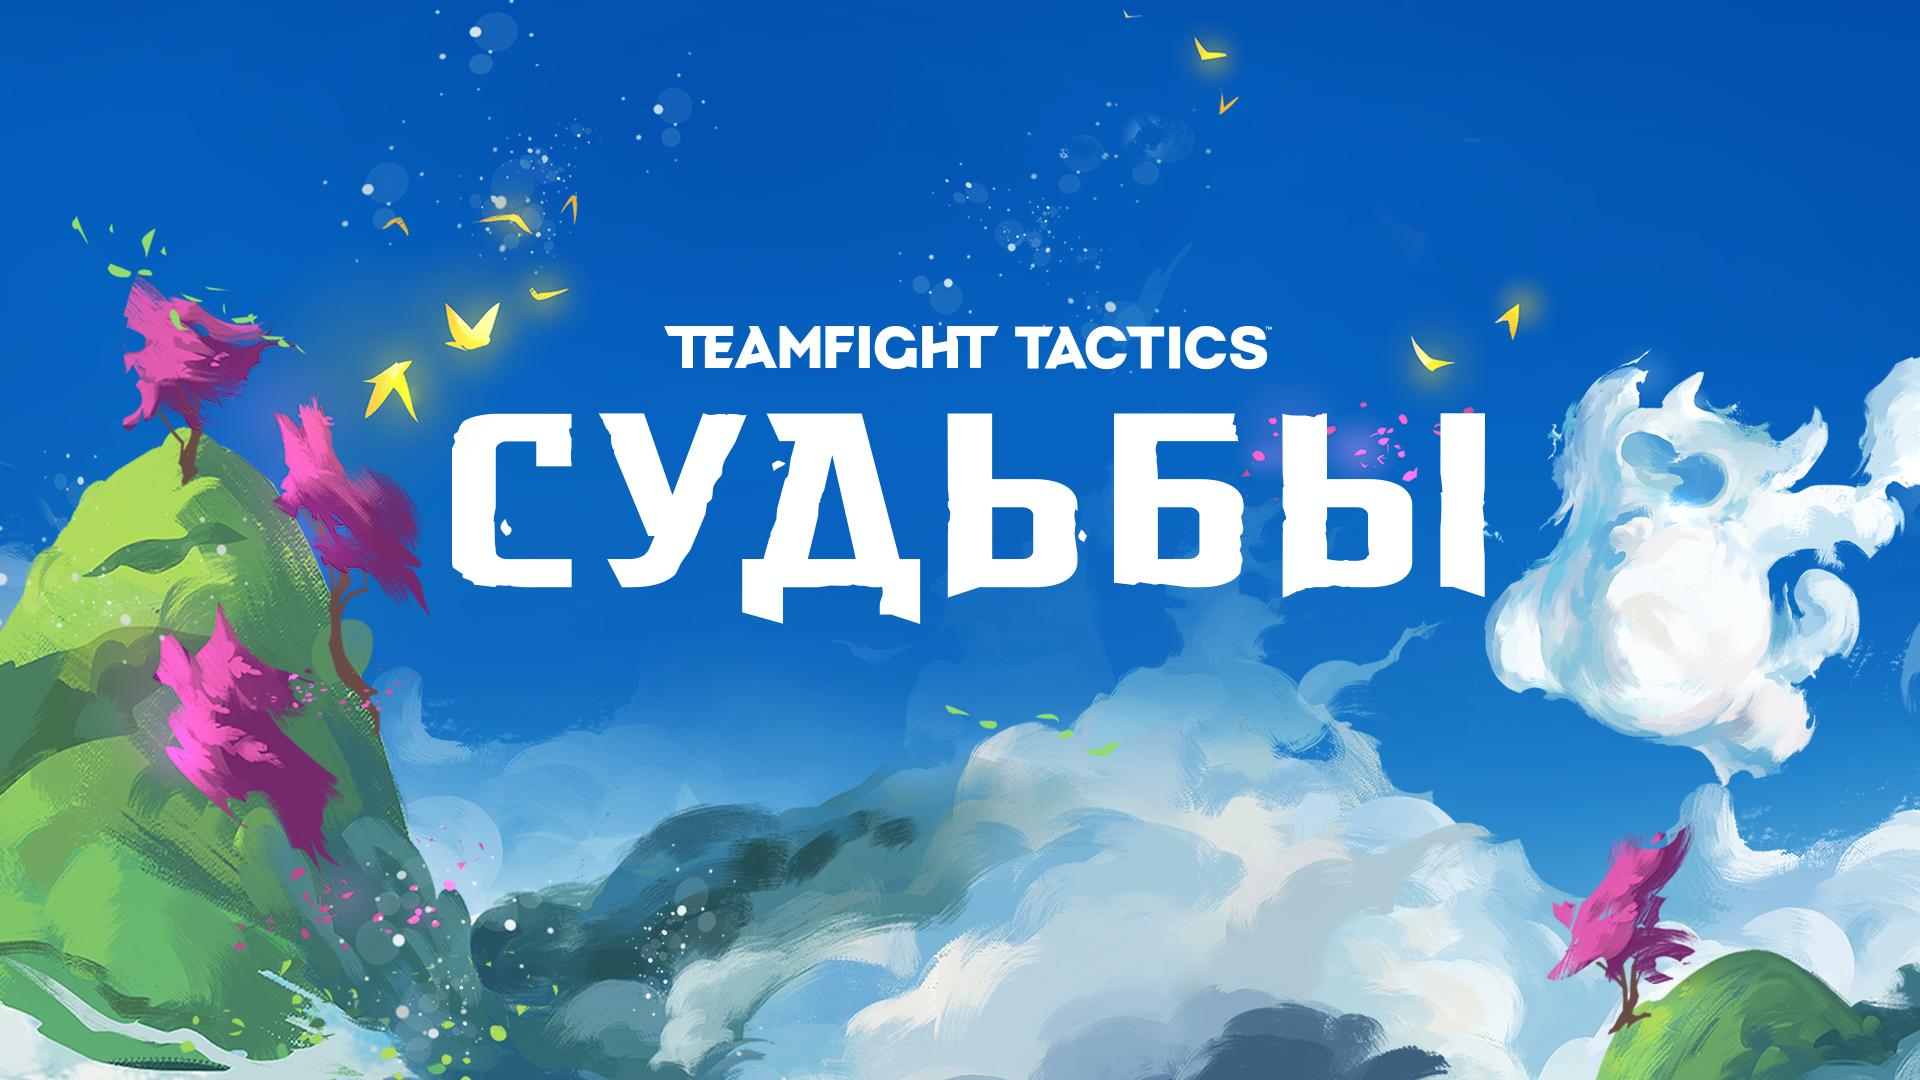 """Четвертый набор Teamfight Tactics: """"Судьбы"""" скоро появится в игре"""